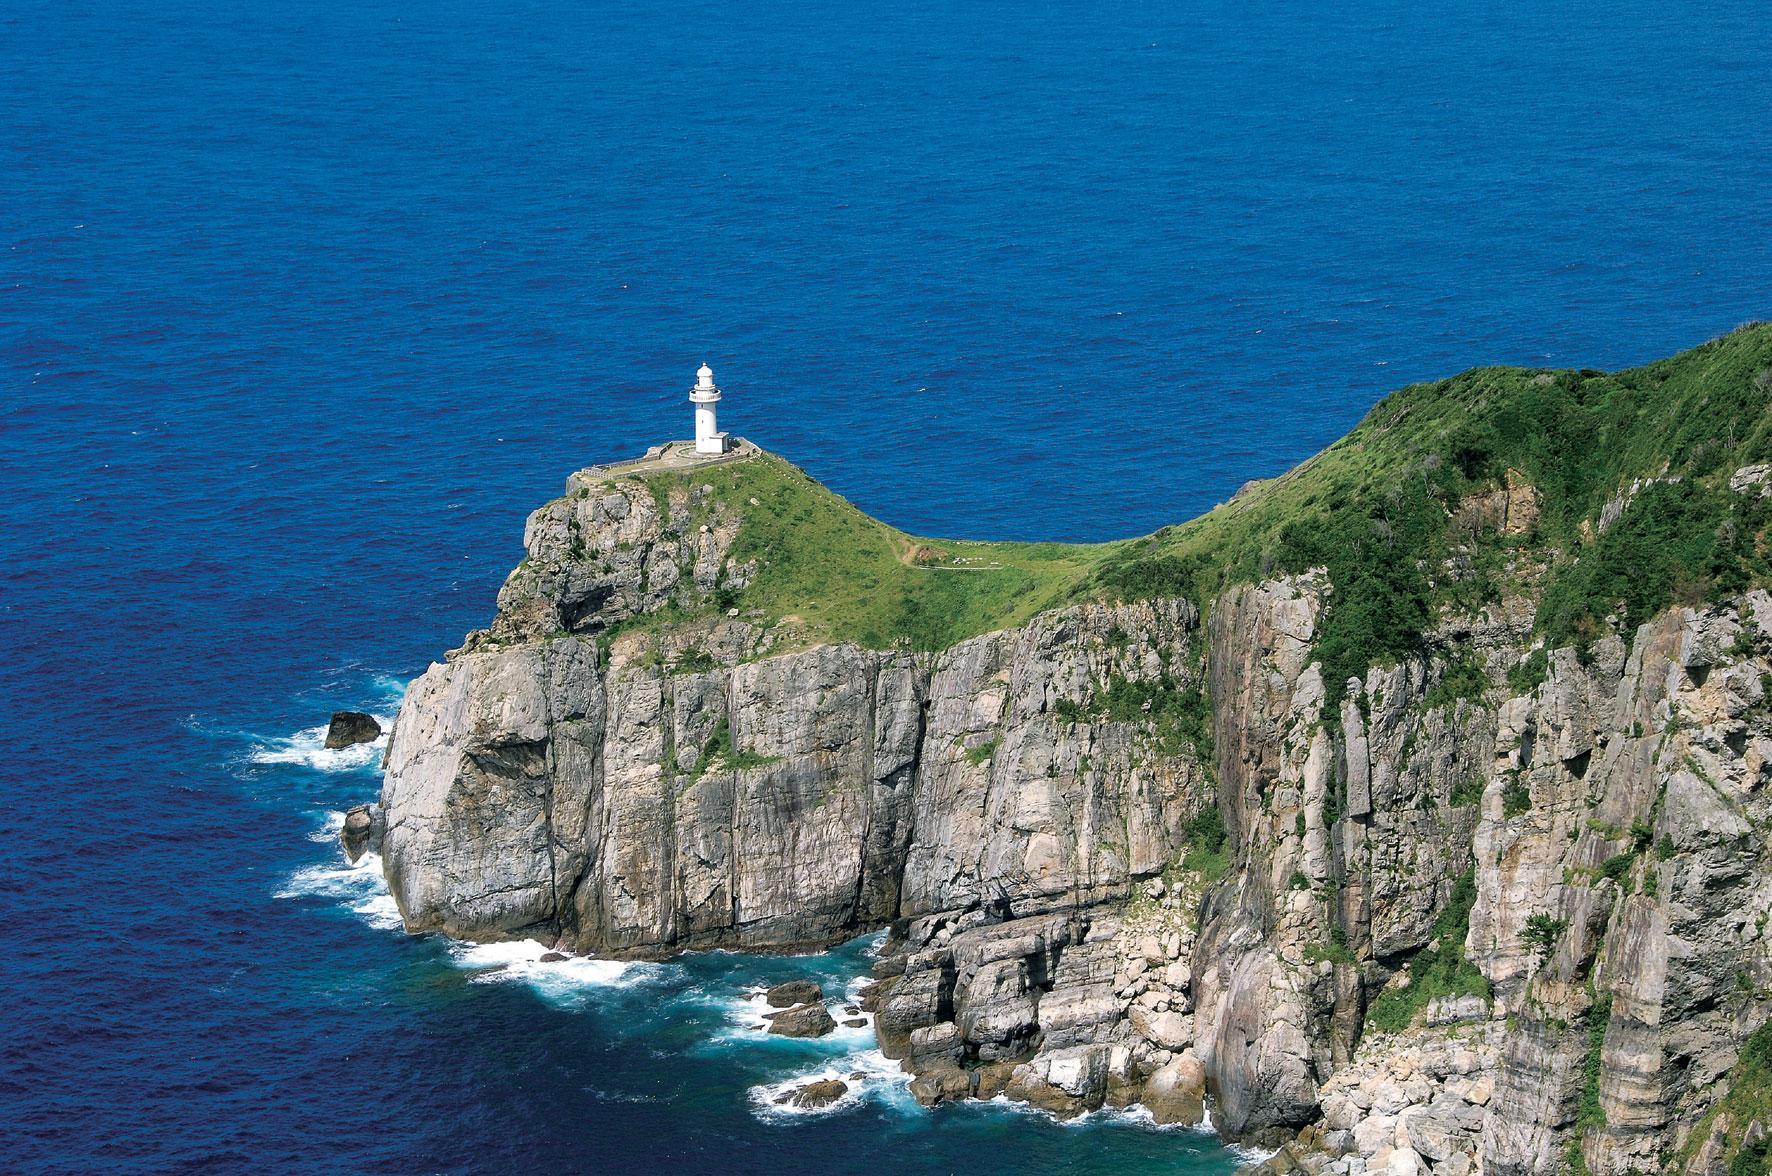 webメディア「るるぶ&more」に五島列島ジェニックドライブ旅が紹介されました-1